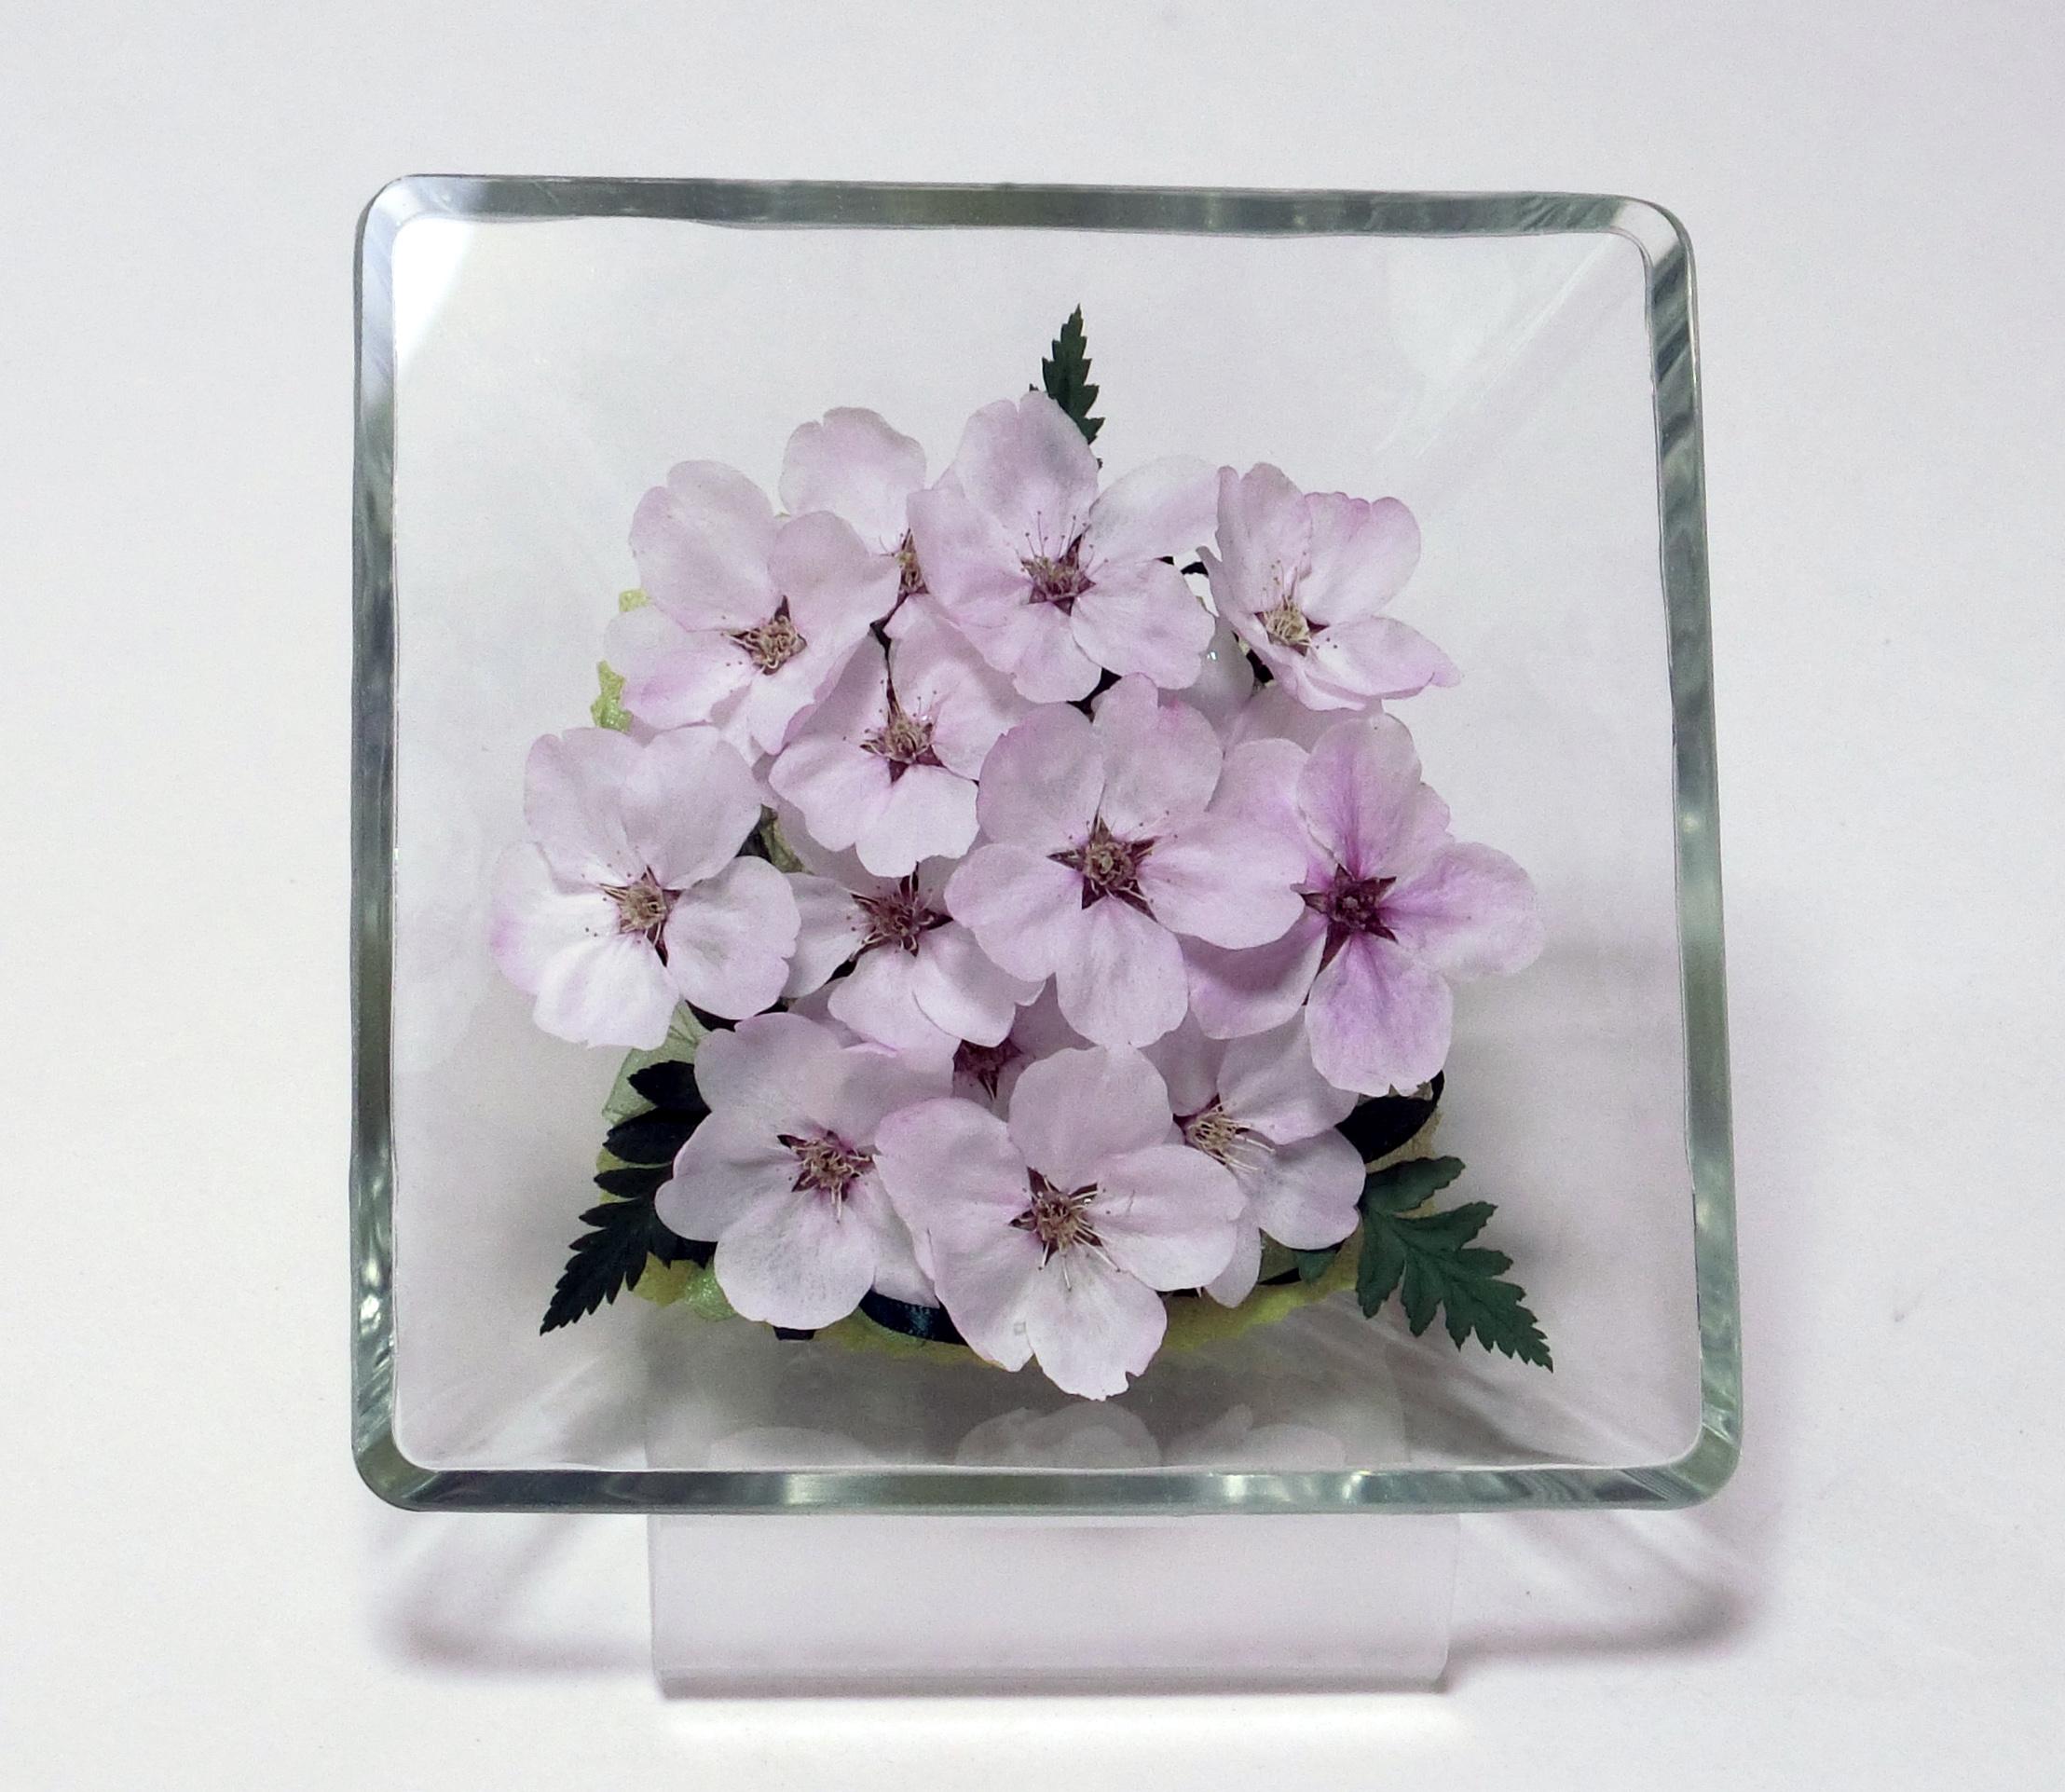 桜のボトルフラワー サクラ(ソメイヨシノ桜) スクウエアタイプM スタンド付き お花のプレゼント 母の日ギフト 退職祝い